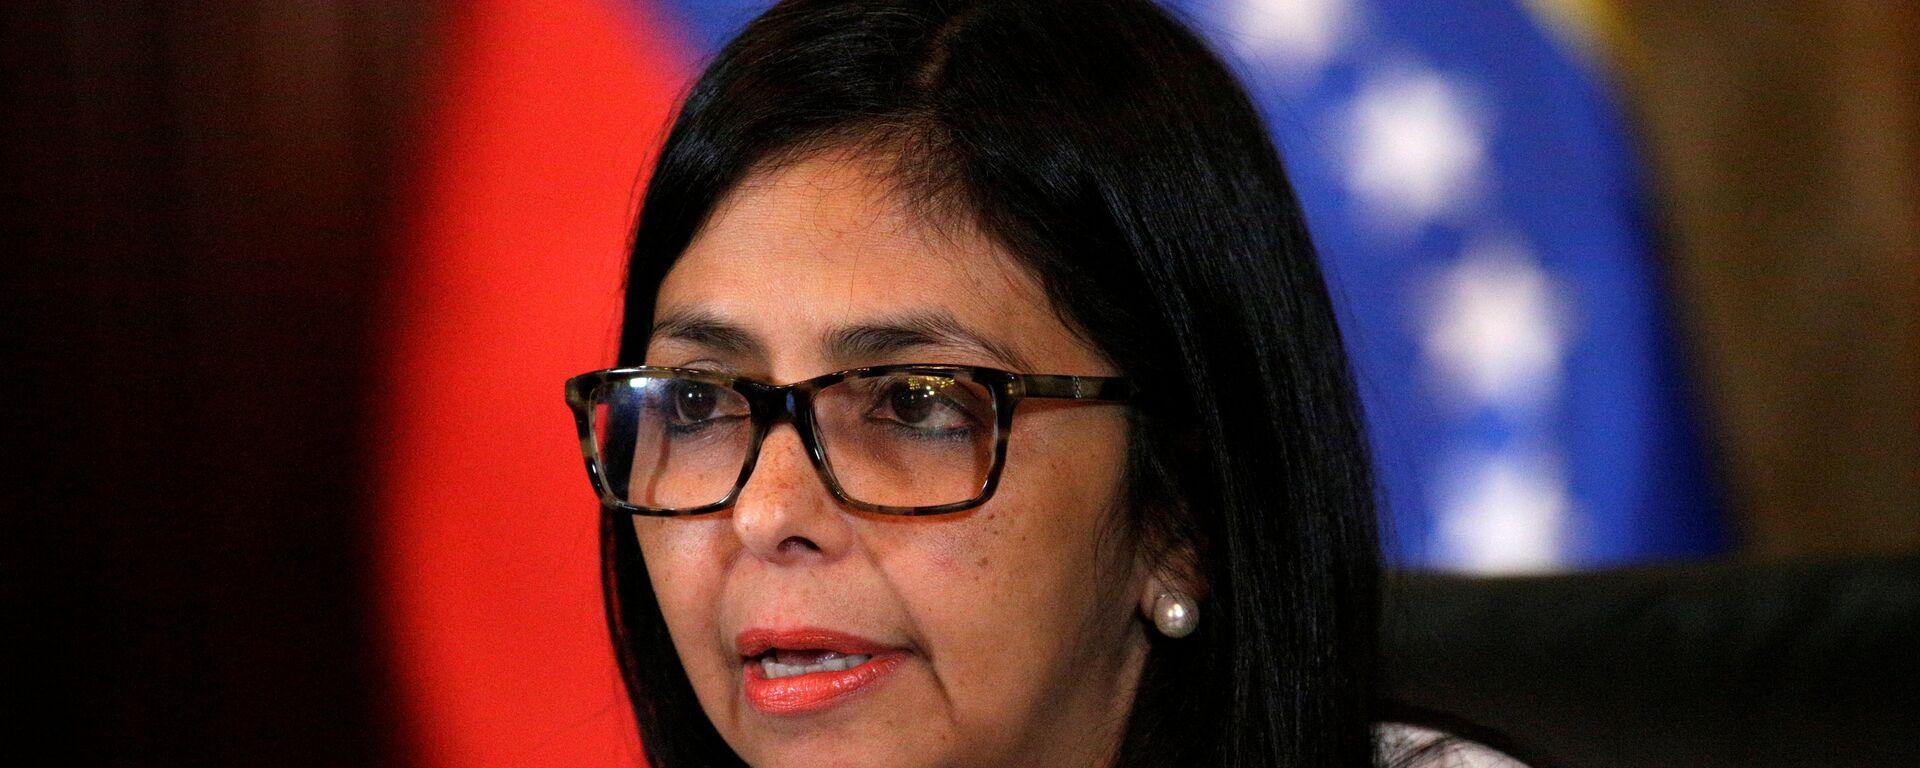 Delcy Rodríguez, ministra de Exteriores de Venezuela - Sputnik Mundo, 1920, 14.05.2021